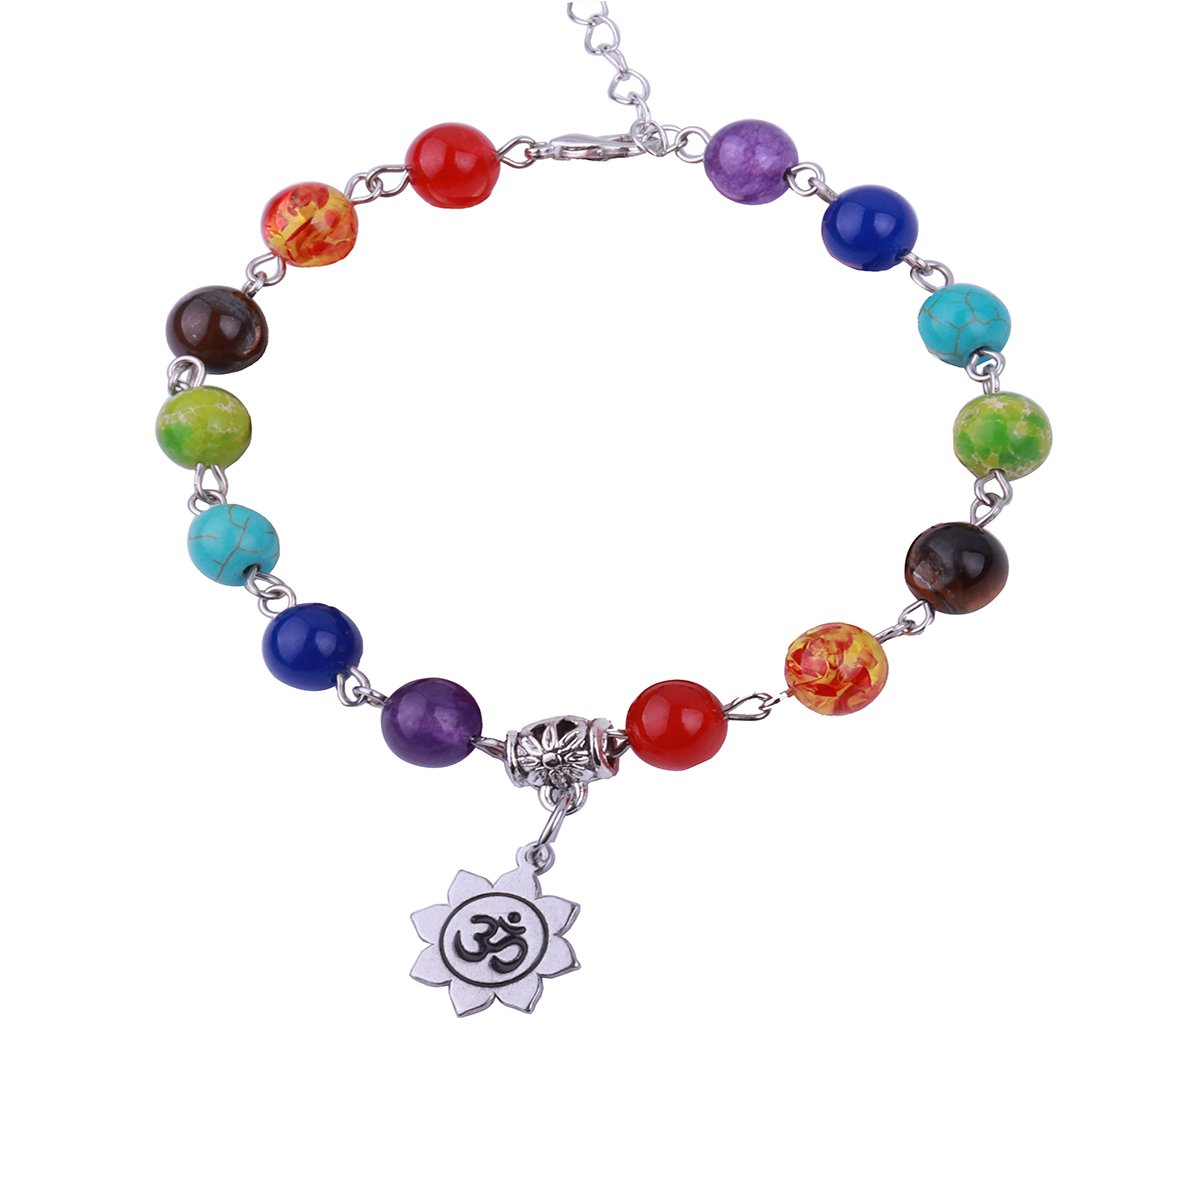 RUNXINTD 7 Chakra Reiki Healing Balancing Bracelet Yoga Beads Jewelry Lotus Bracelet Anklet Meditation Gift for Girls Women (Anklet-OM)